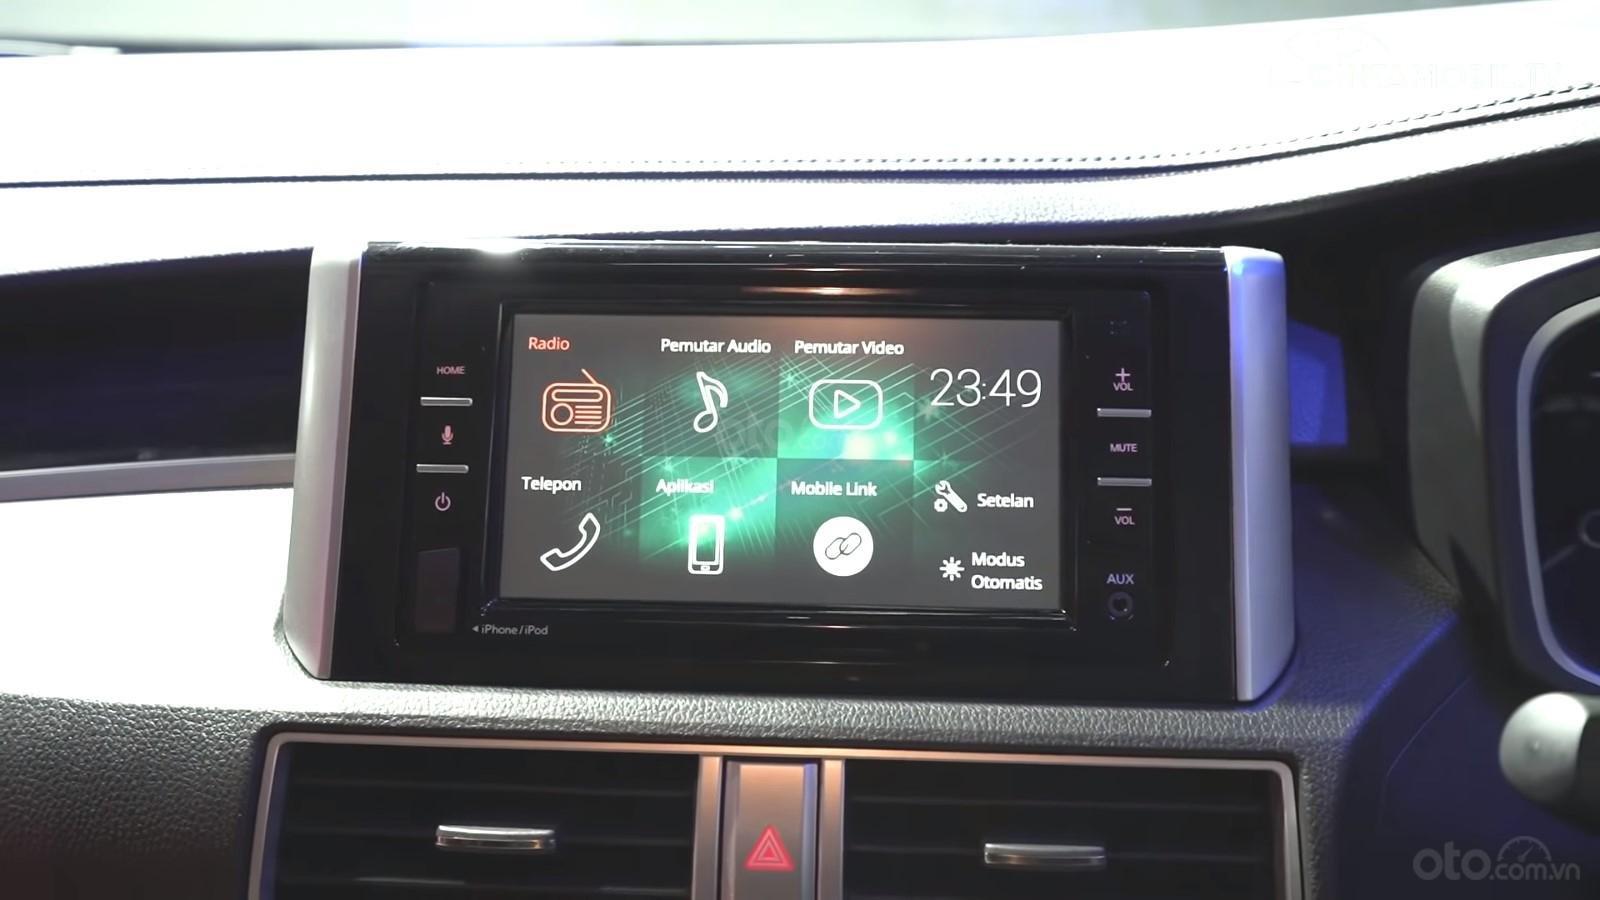 Ảnh chụp màn hình giải trí xe Nissan Grand Livina 2020